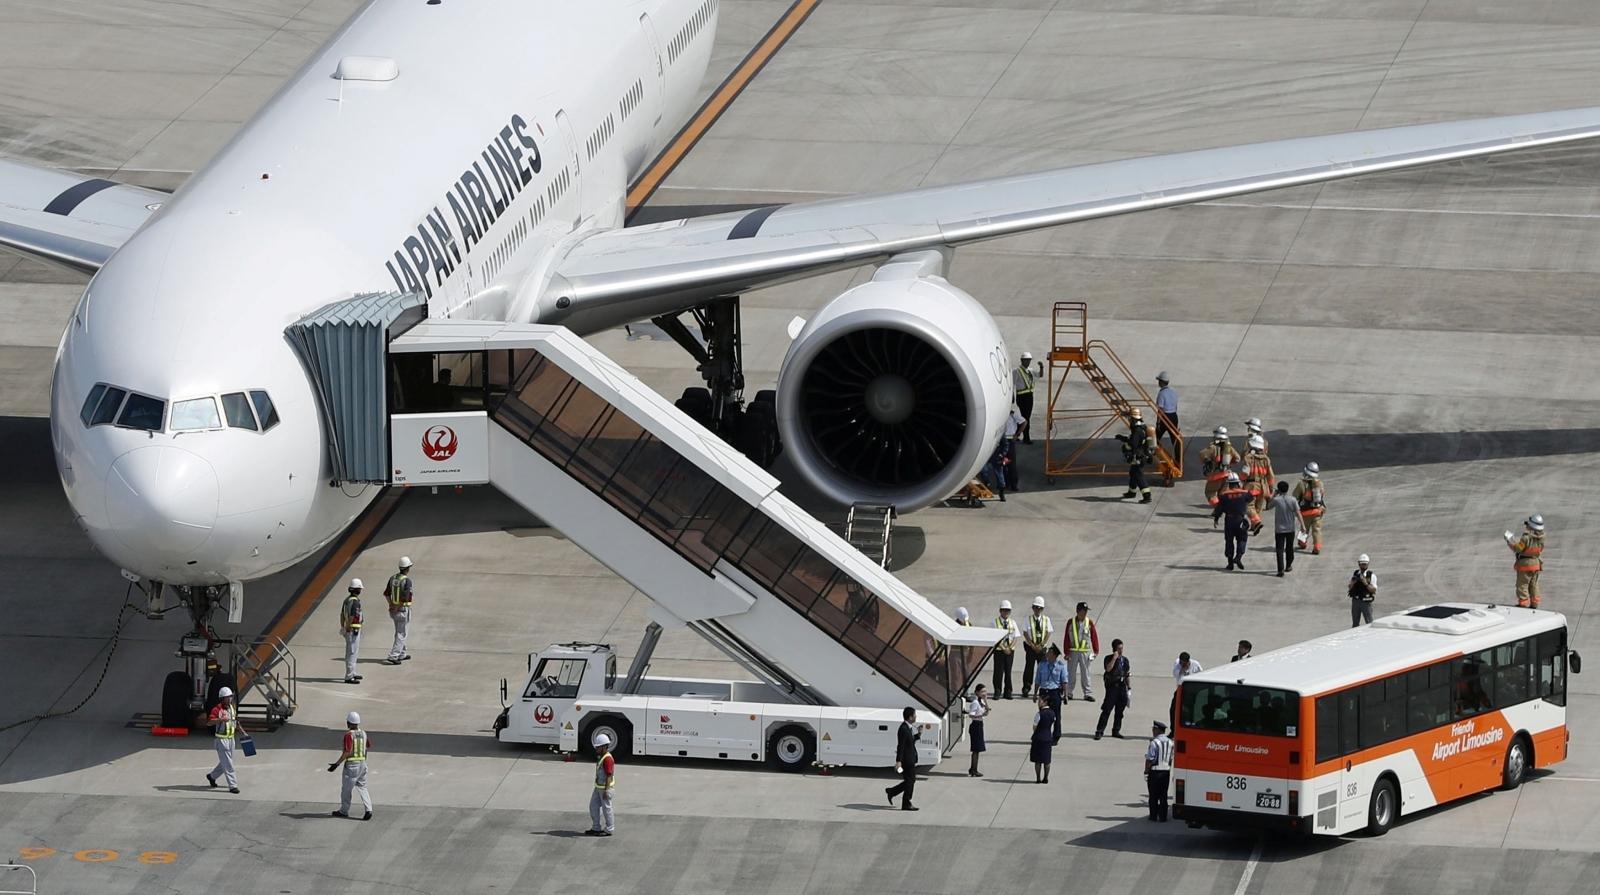 Japan Airlines emergency landing